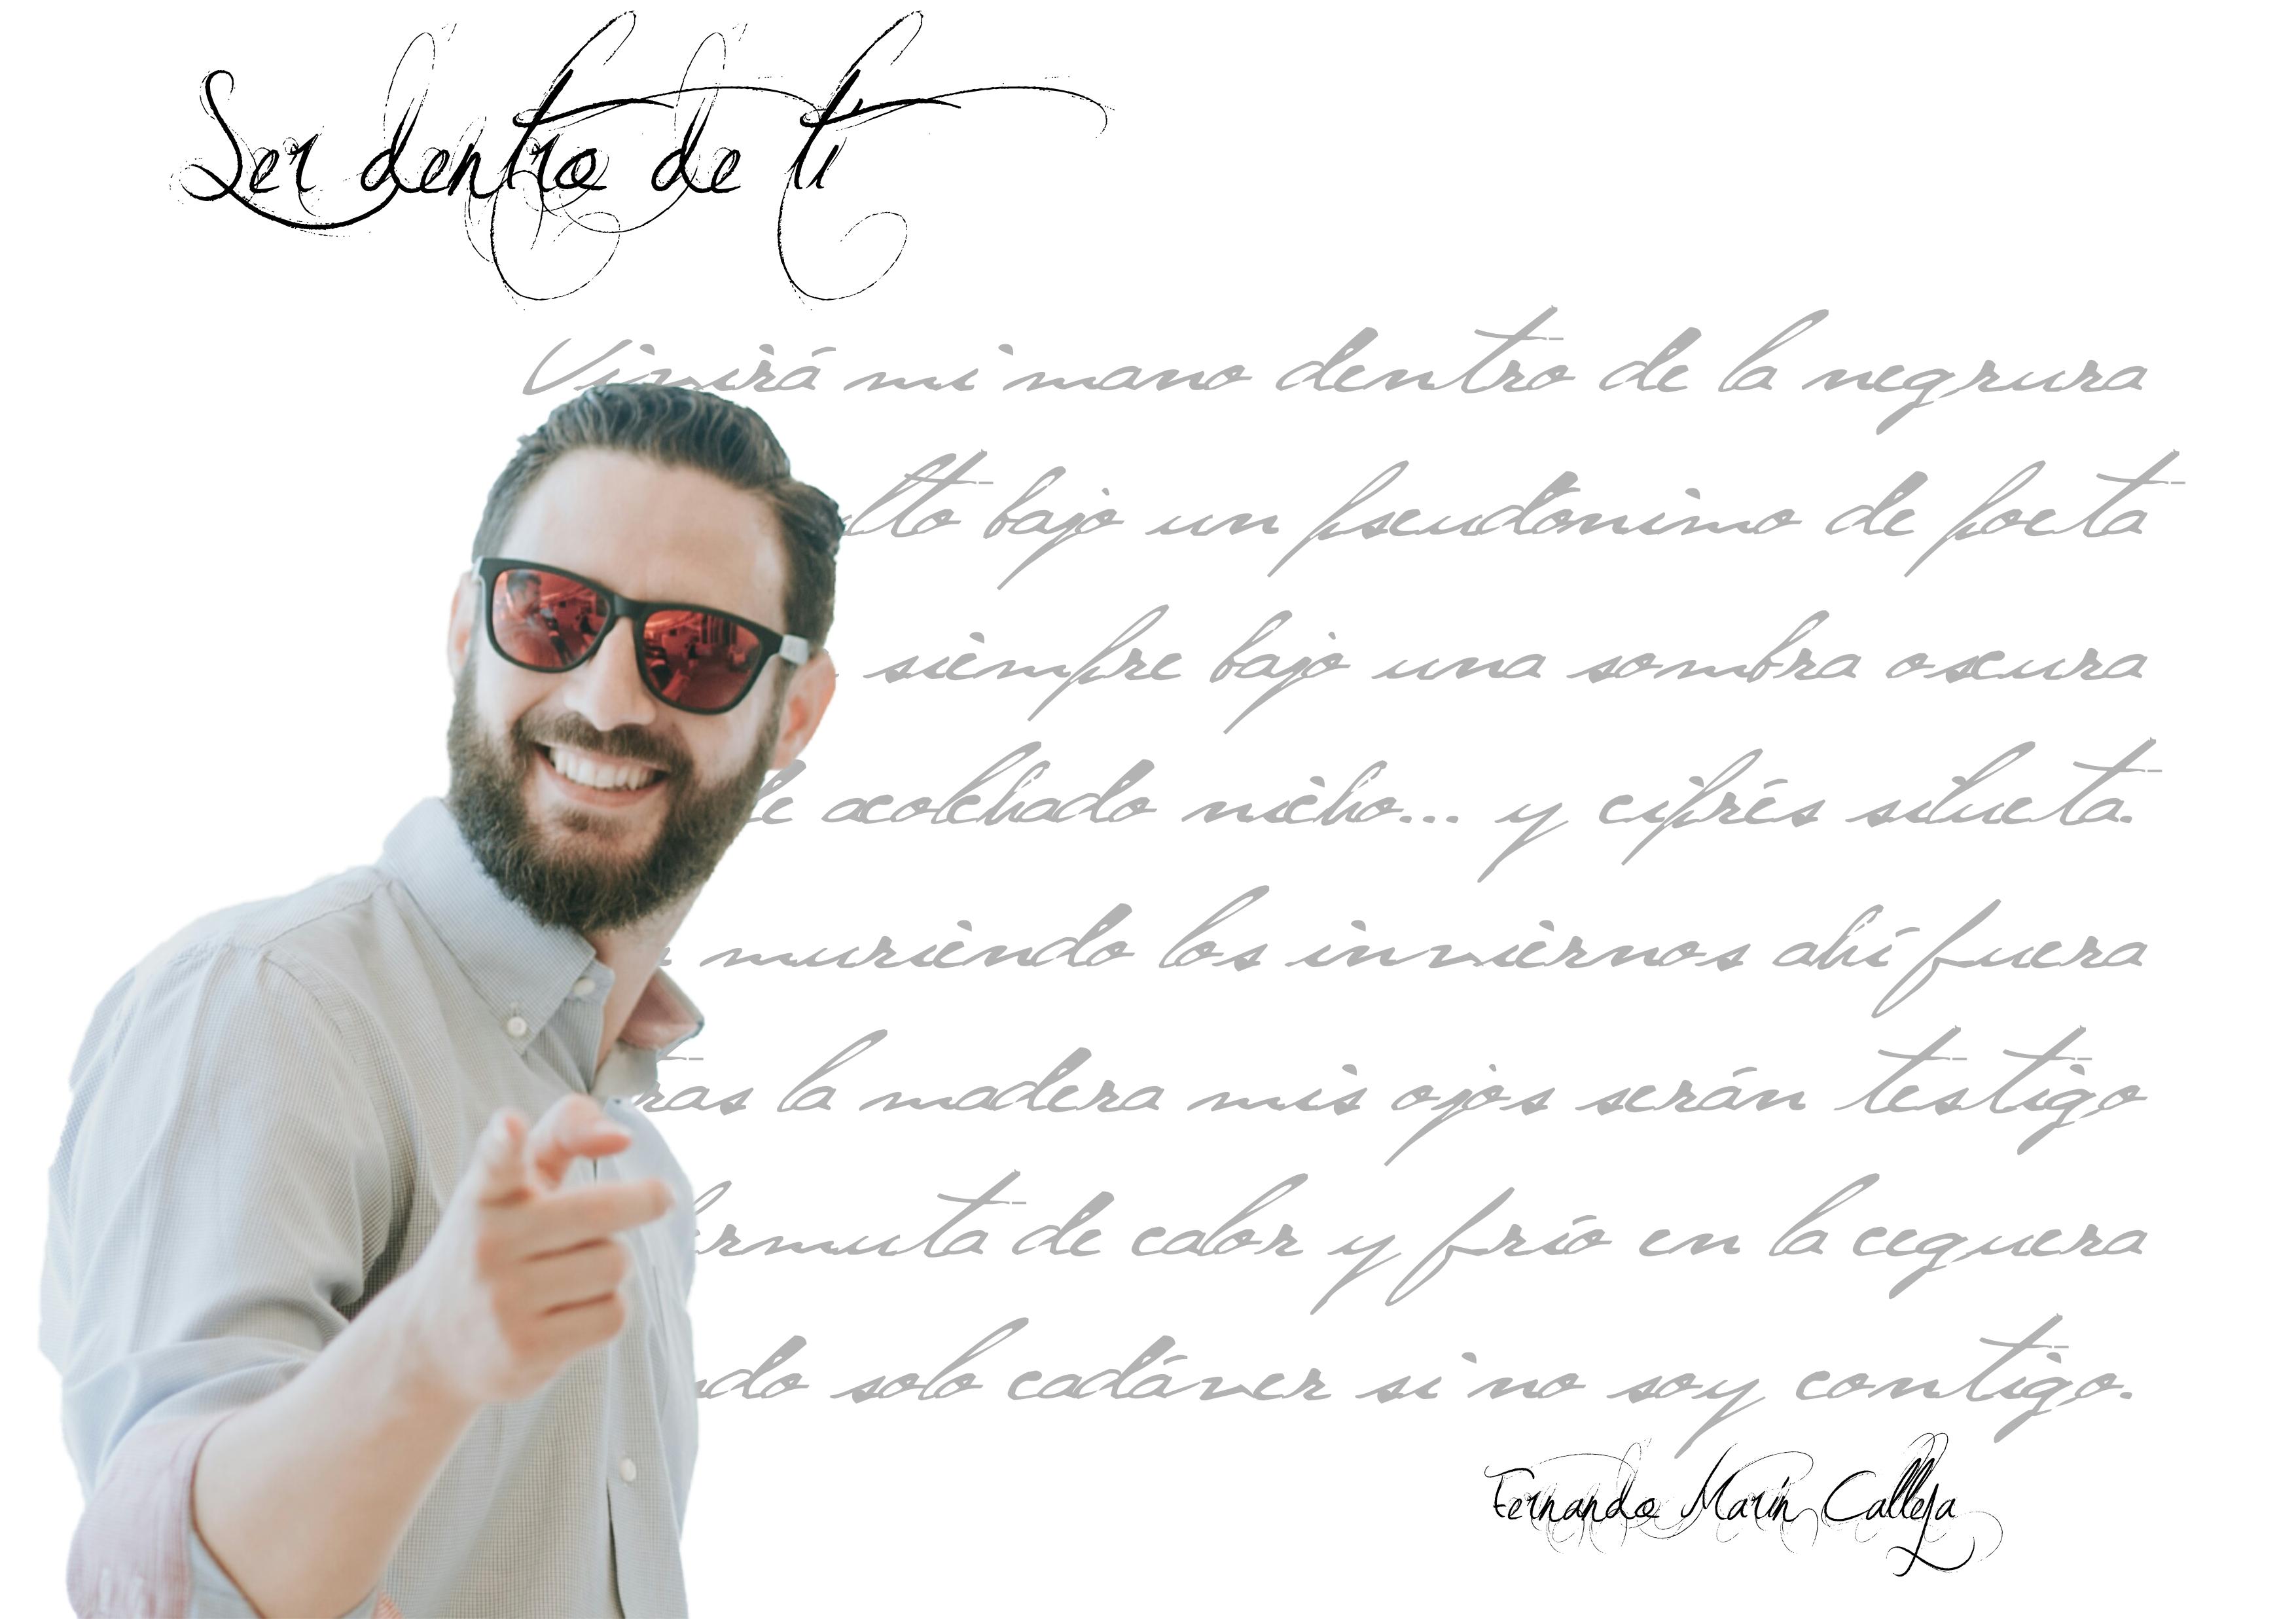 """ser dentro de ti - FichaAutorSerdentrodeti 1 - Fernando Marín Calleja: """"A través de la búsqueda de la rima y la métrica considero que mis poemas adquieren más calidad, profundidad y complejidad"""" revista de poesía - FichaAutorSerdentrodeti 1 - Revista de poesía. Revista Poesía eres tú."""